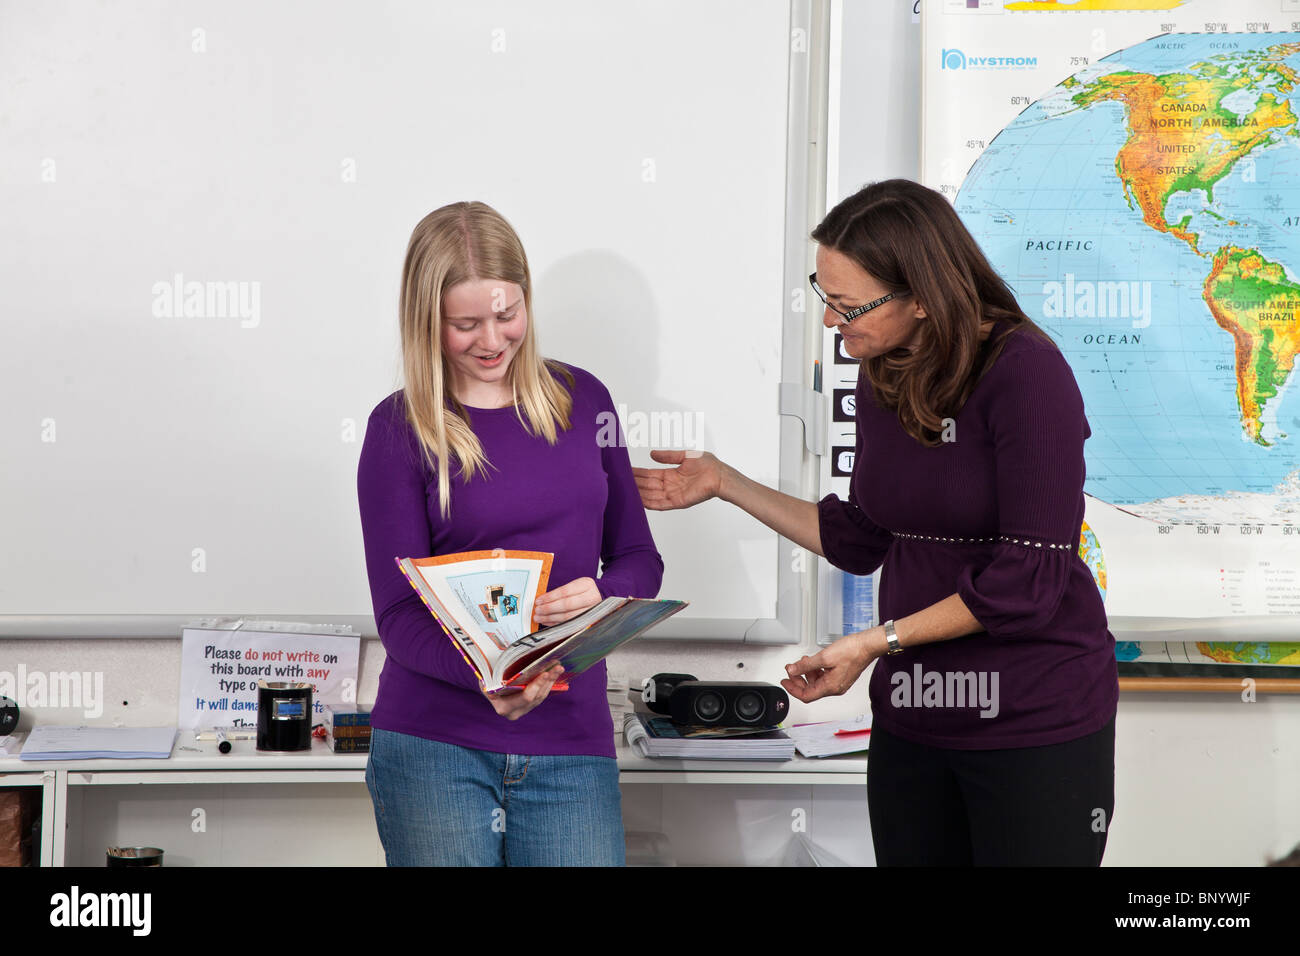 Étudiant enfant enfants 11-13 ans parlant et la lecture avec la classe de l'enseignant devant les femelles femelles personne personnes United States Monsieur © Myrleen Pearson Banque D'Images